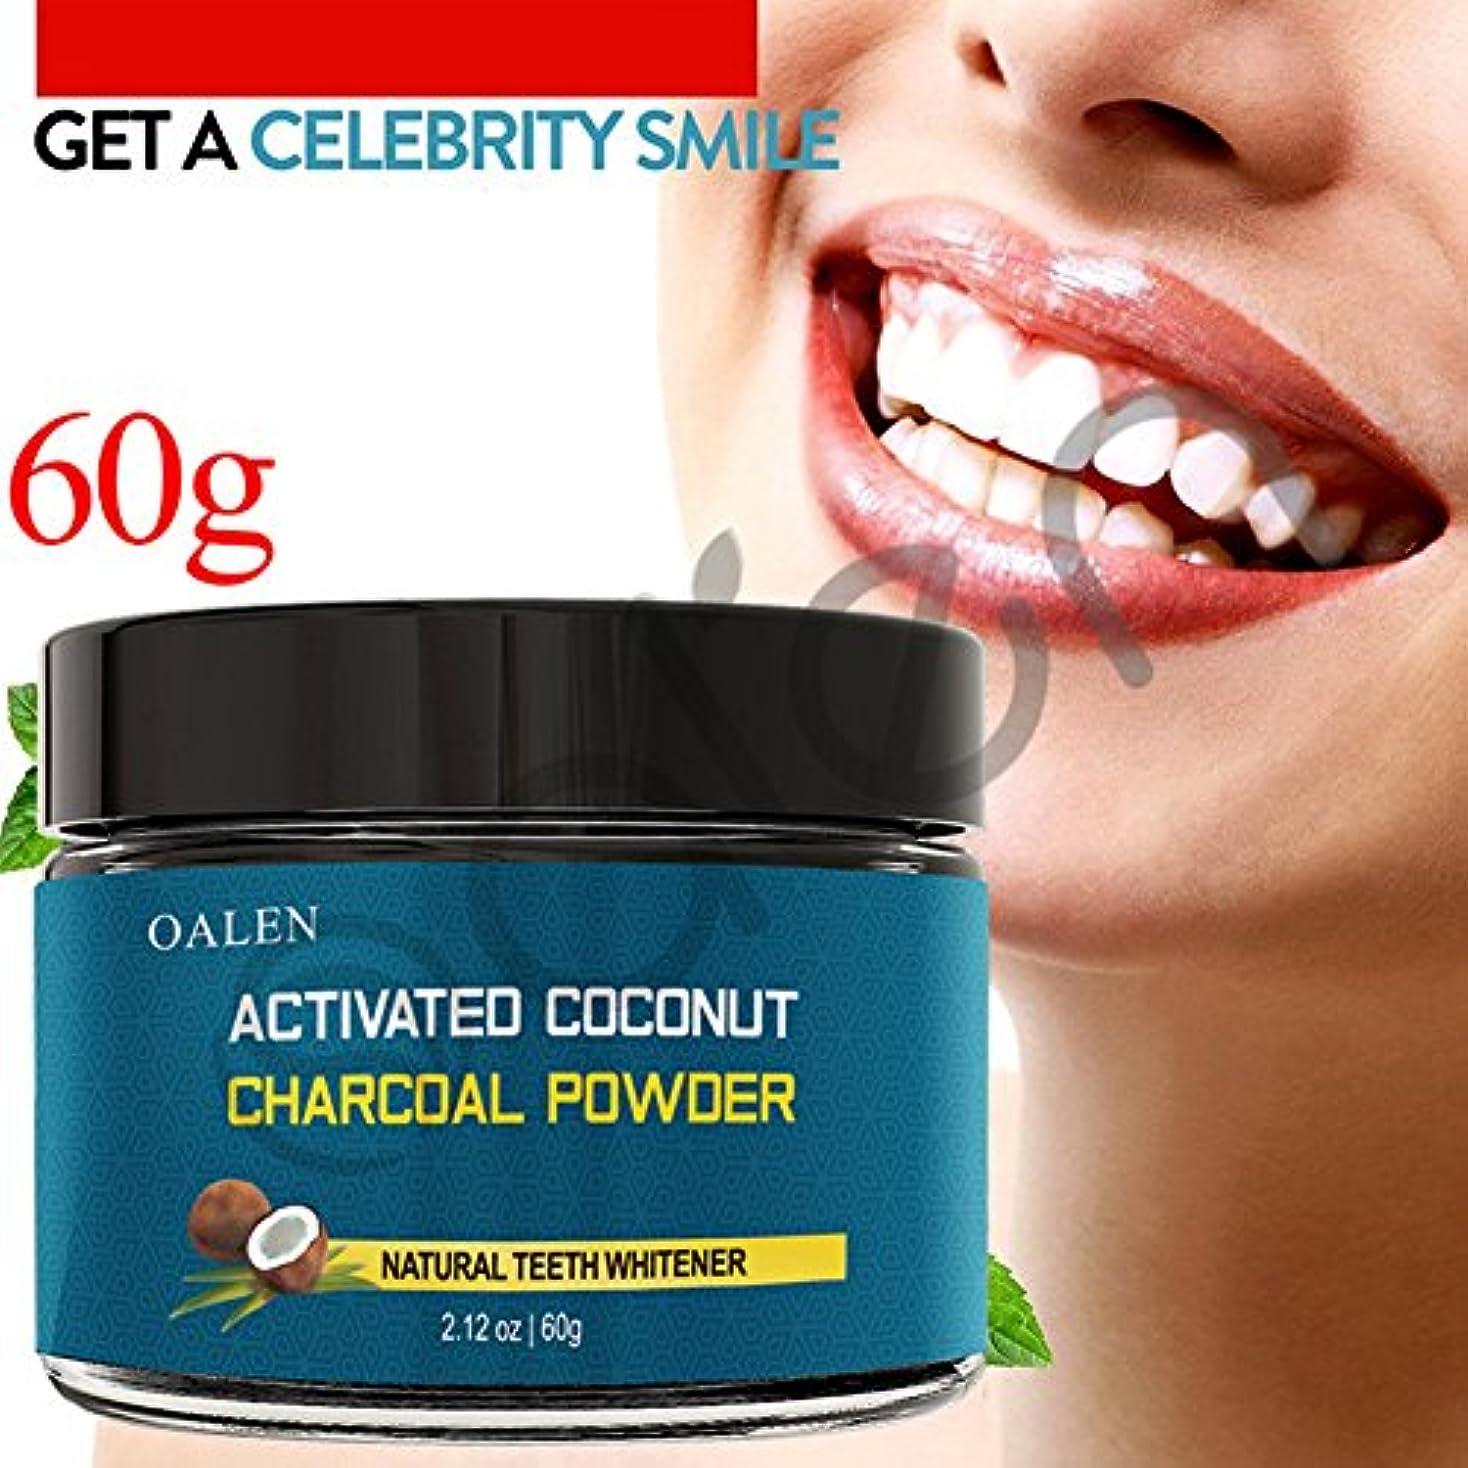 先生否認するサラダLiebeye 歯 ホワイトニング パウダー グラム 天然活性 ココナッツチャコール 歯ホワイトナー 60g